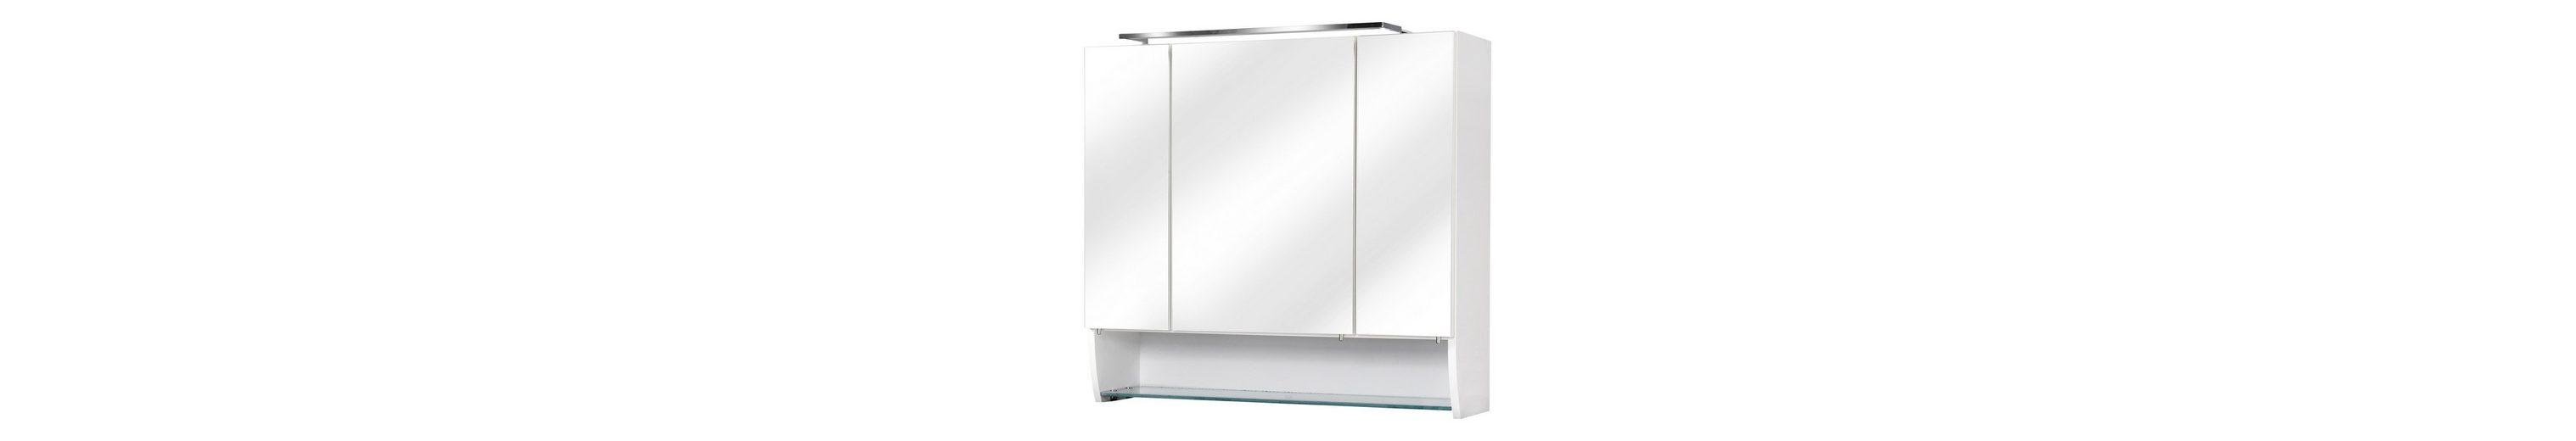 Spiegelschrank »Sceno«, Breite 80 cm